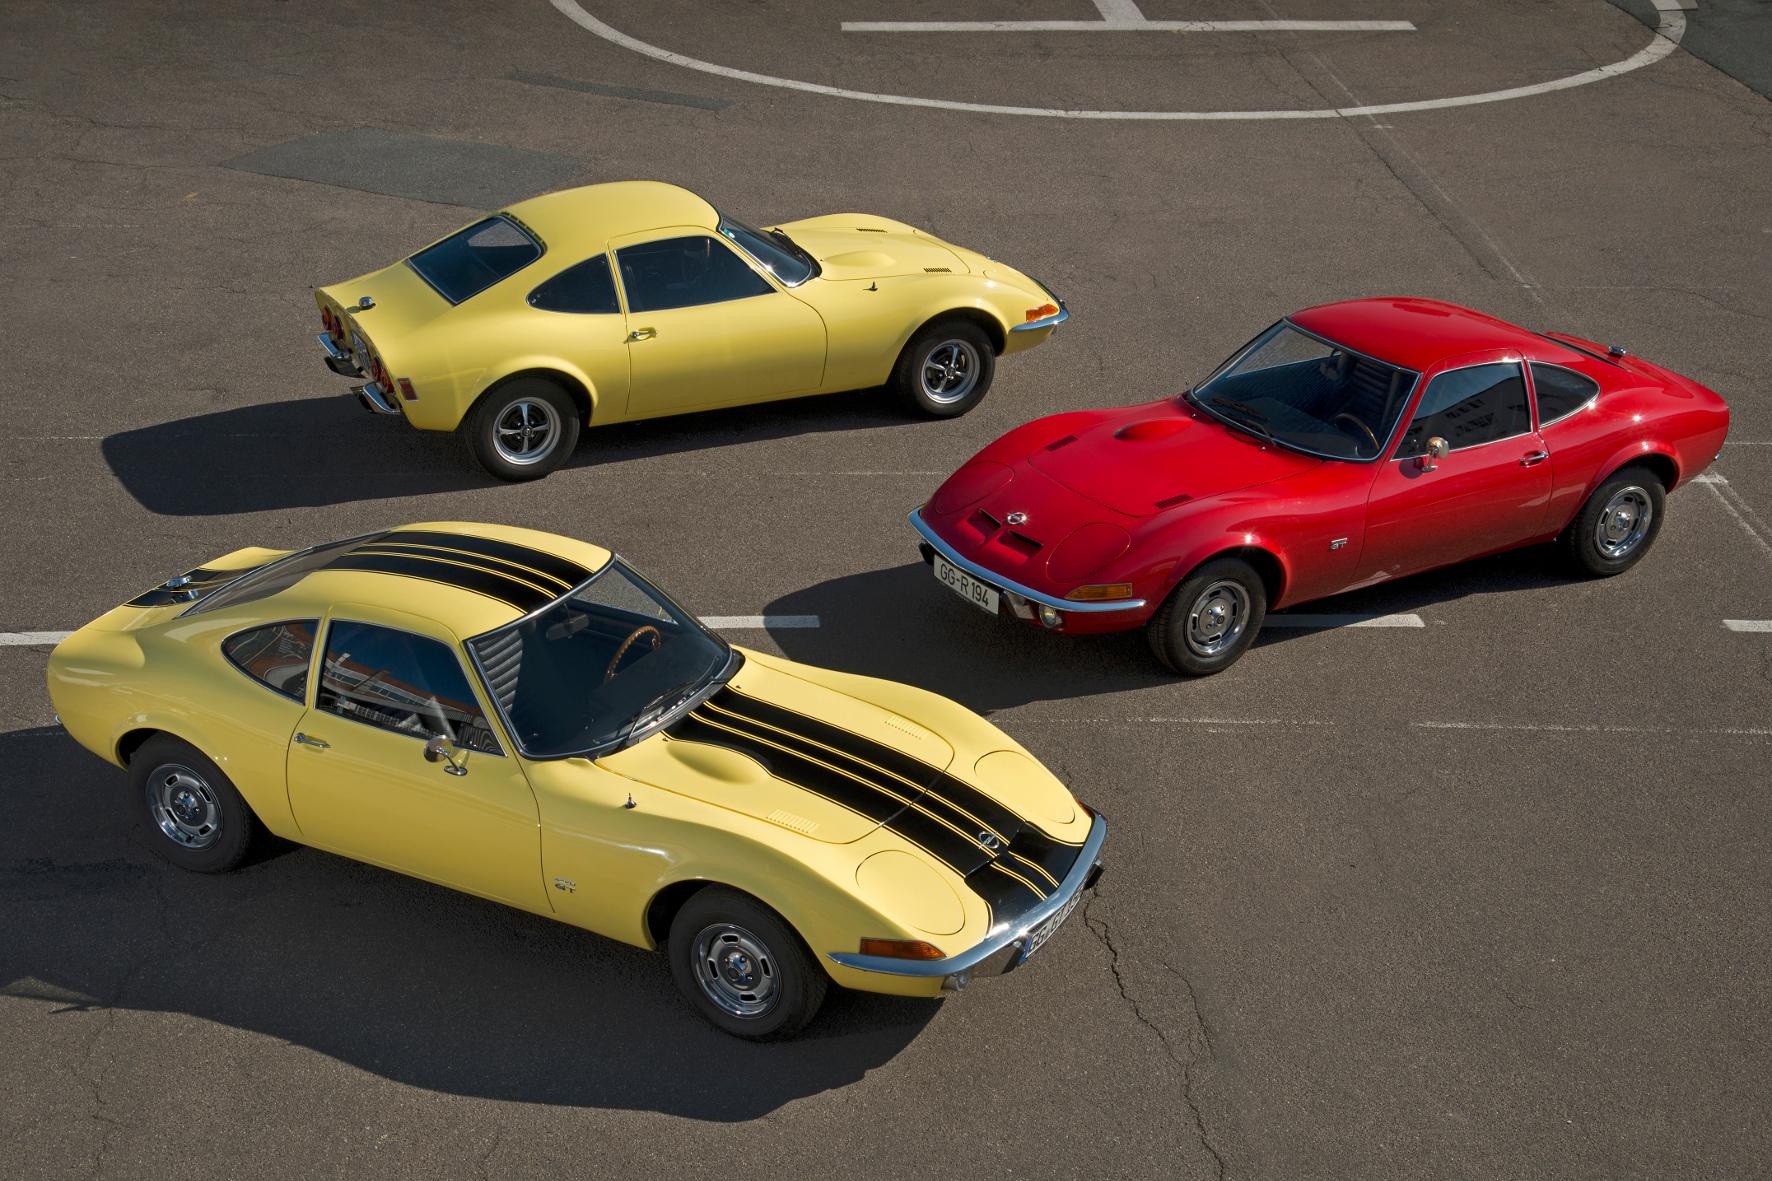 mid Groß-Gerau - Mit dem Opel GT schickten die Rüsselsheimer vor 50 Jahren einen Sportwagen auf die Straße, der mit seinem zeitlosen Design heute noch für Begeisterung sorgt. Opel